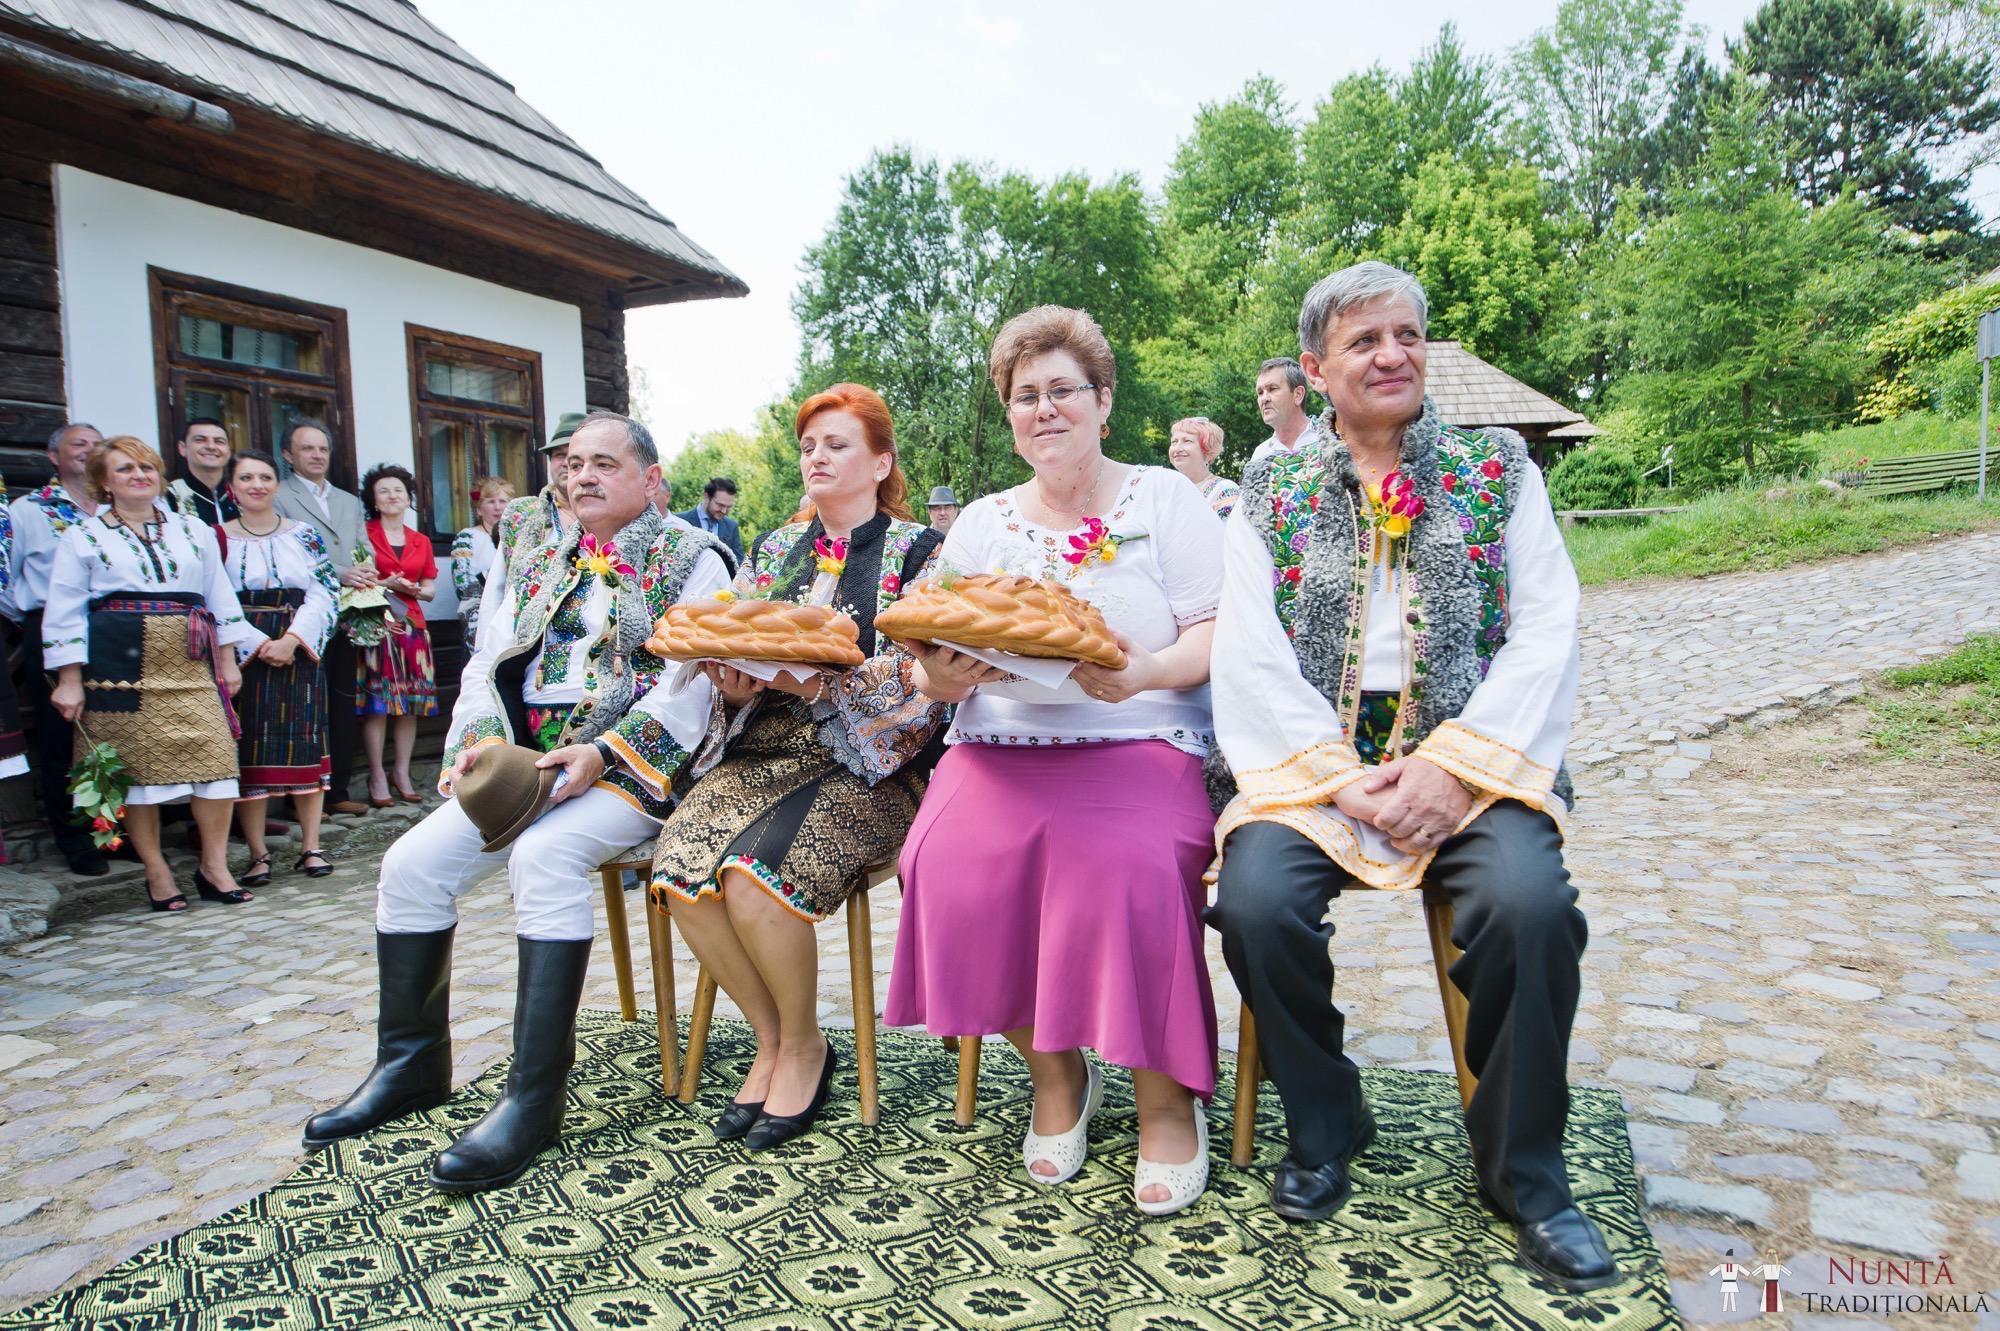 Povești Nunți Tradiționale - Gabriela și Mădălin - Nuntă Tradițională în Suceava, Bucovina 79